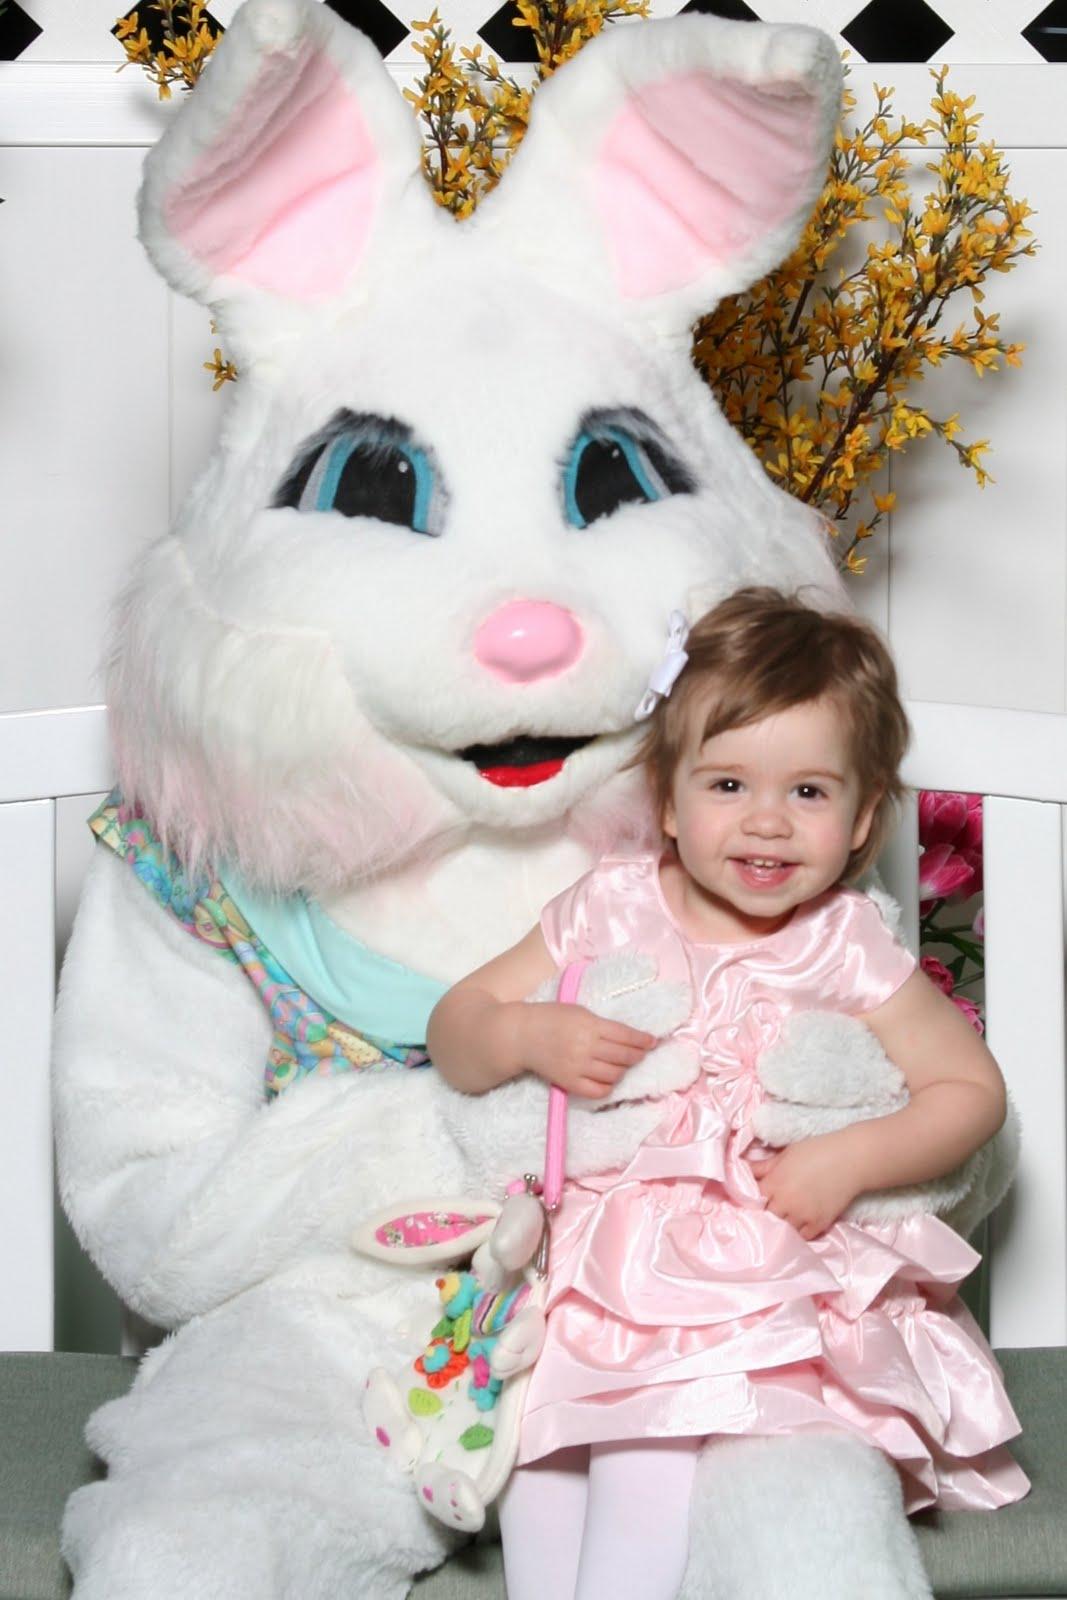 http://4.bp.blogspot.com/_Okqw6Eb7Y4A/S7v8Xoq0wtI/AAAAAAAAAWE/xzUH-GBCYfg/s1600/Ashley+Easter+Bunny+2010.03.20.JPG